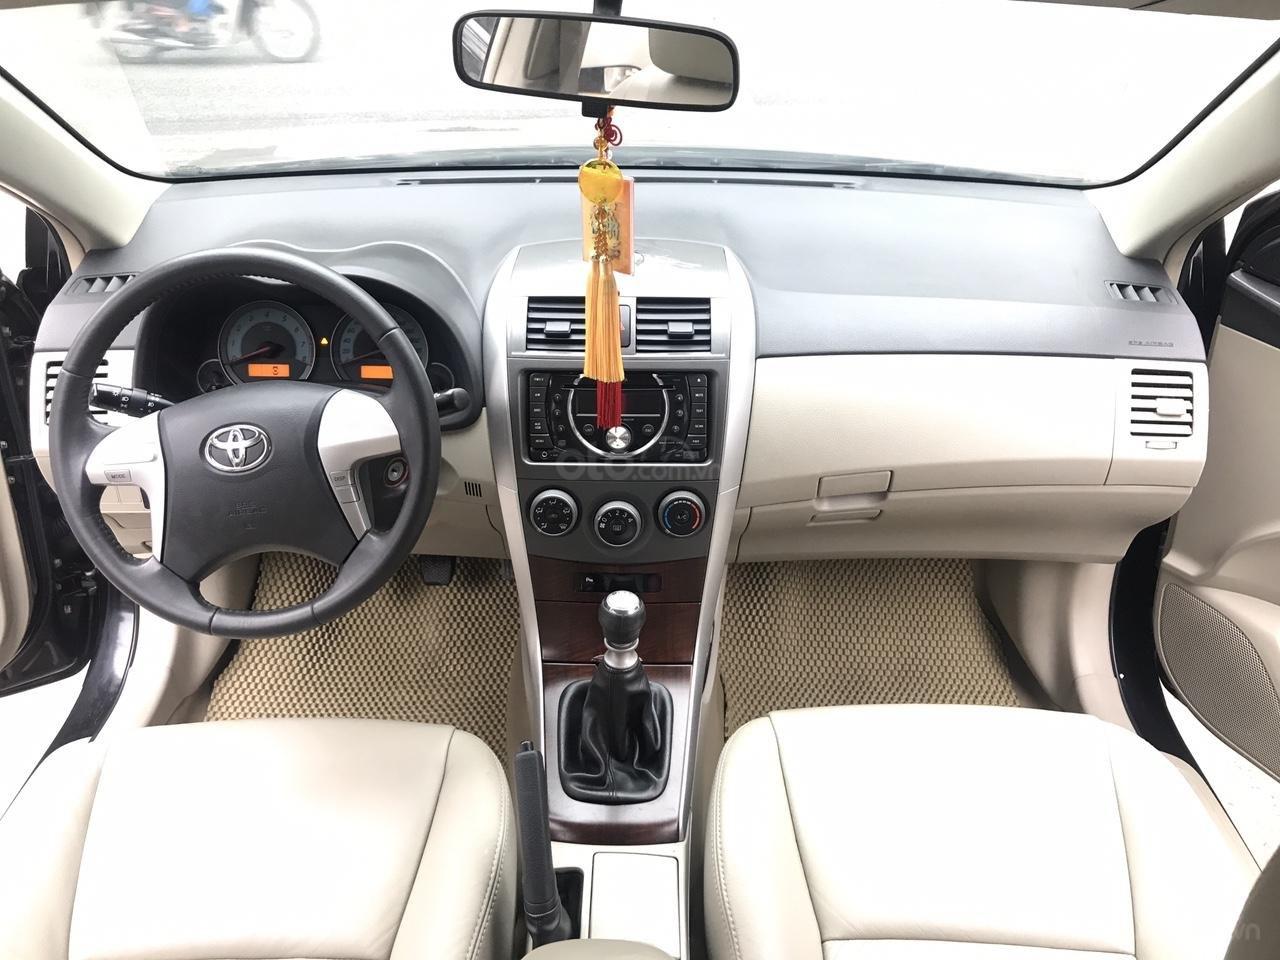 Bán xe Toyota Corolla Altis 1.8G năm sản xuất 2011, màu đen, cực mới siêu lướt-4